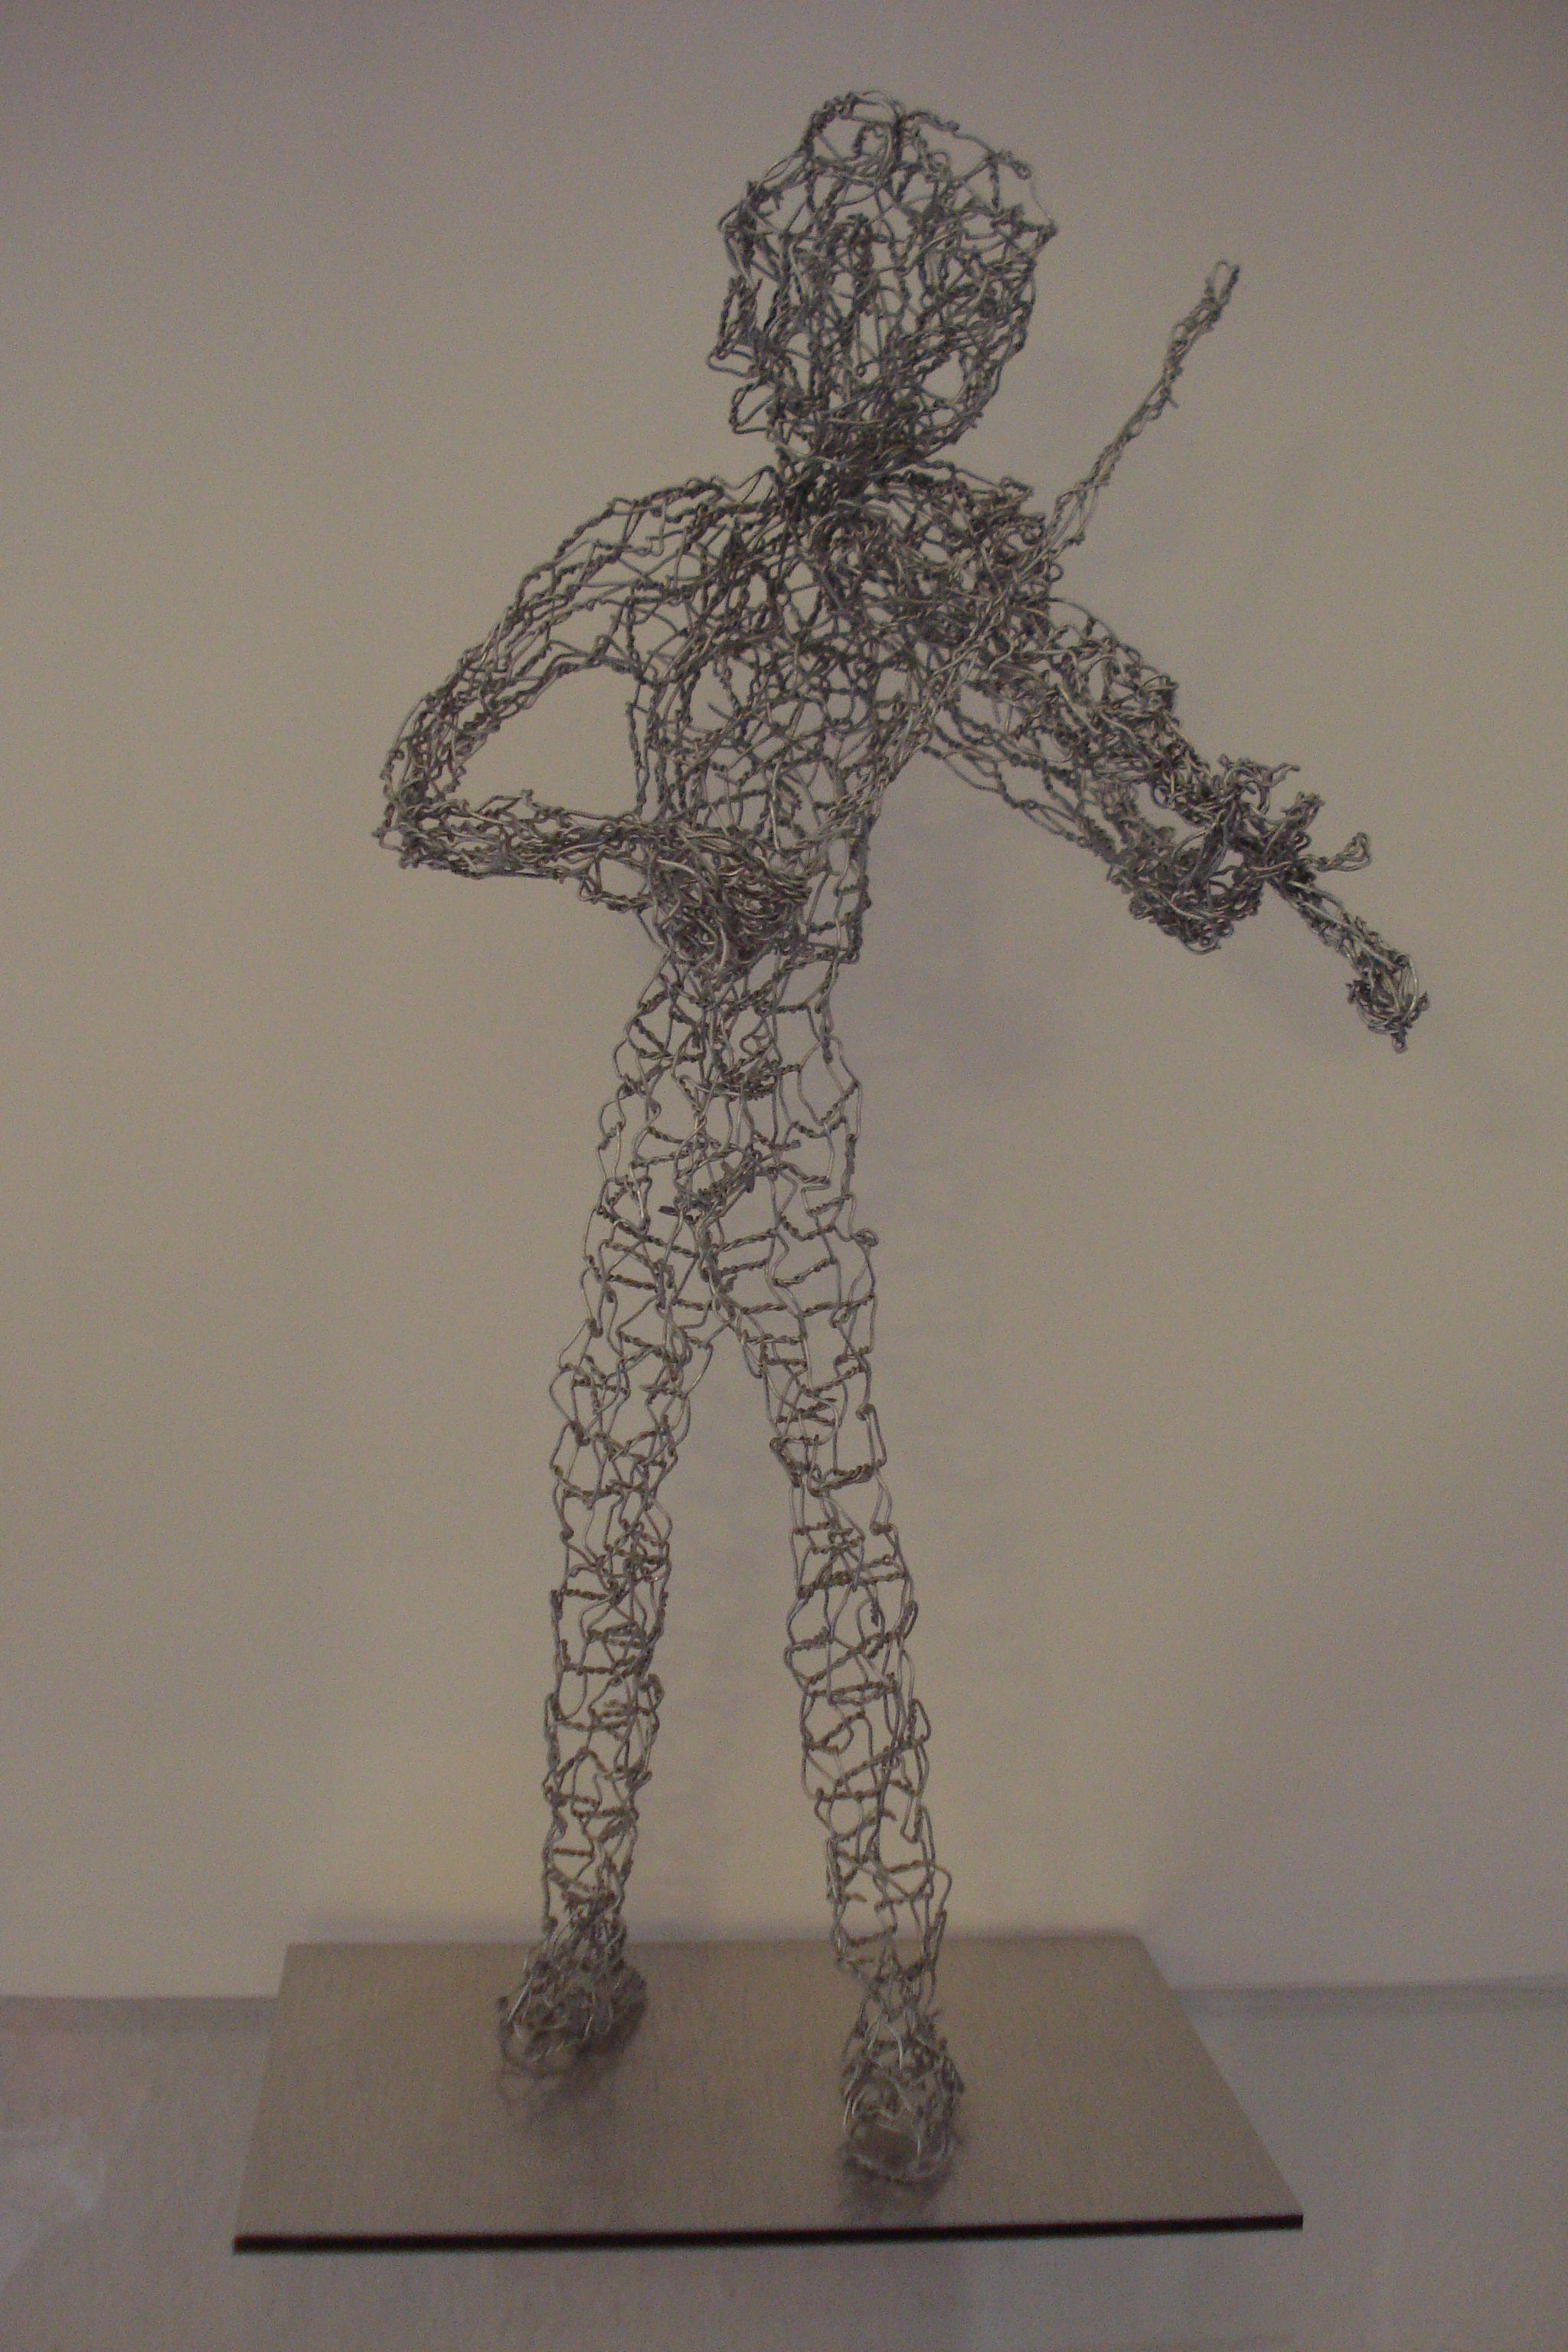 Violoniste - Geiger, fil de fer - Draht, env. 30 cm H, 2012